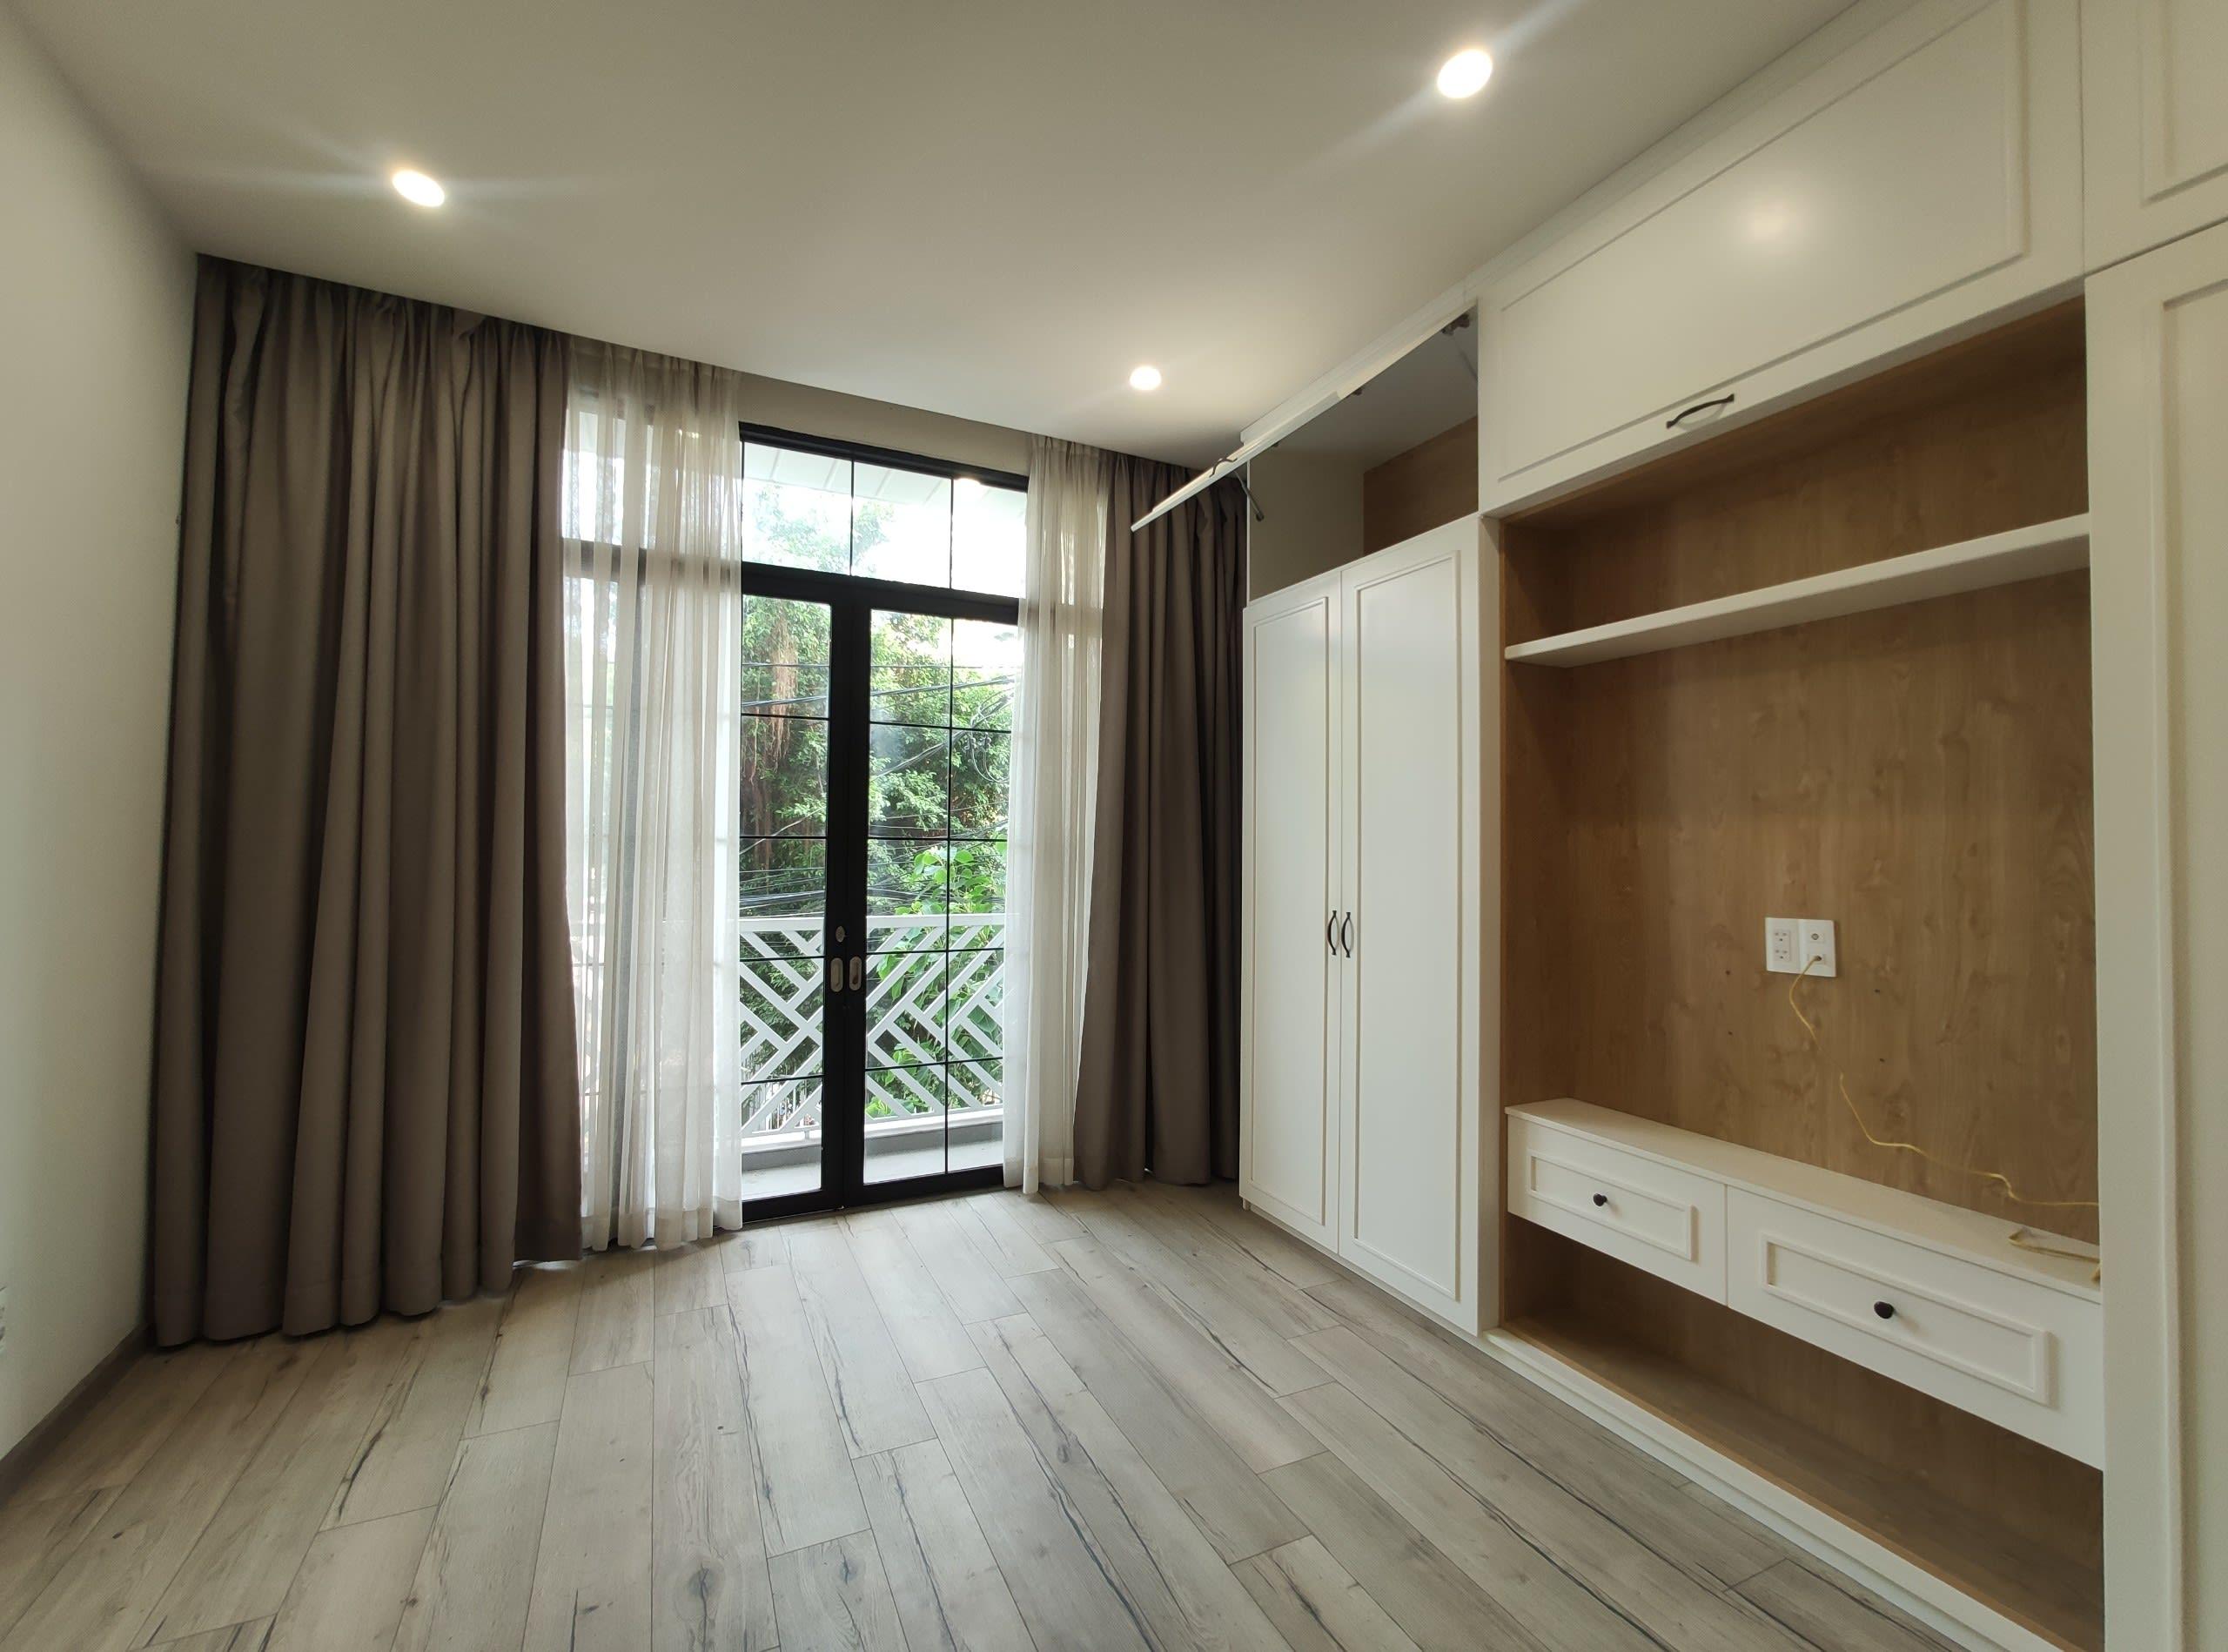 Nhà Đẹp Khu VIP Kiều Đàm, DT 4x17m 3 Tầng, Đường 9m. Giá 8.4 Tỷ.